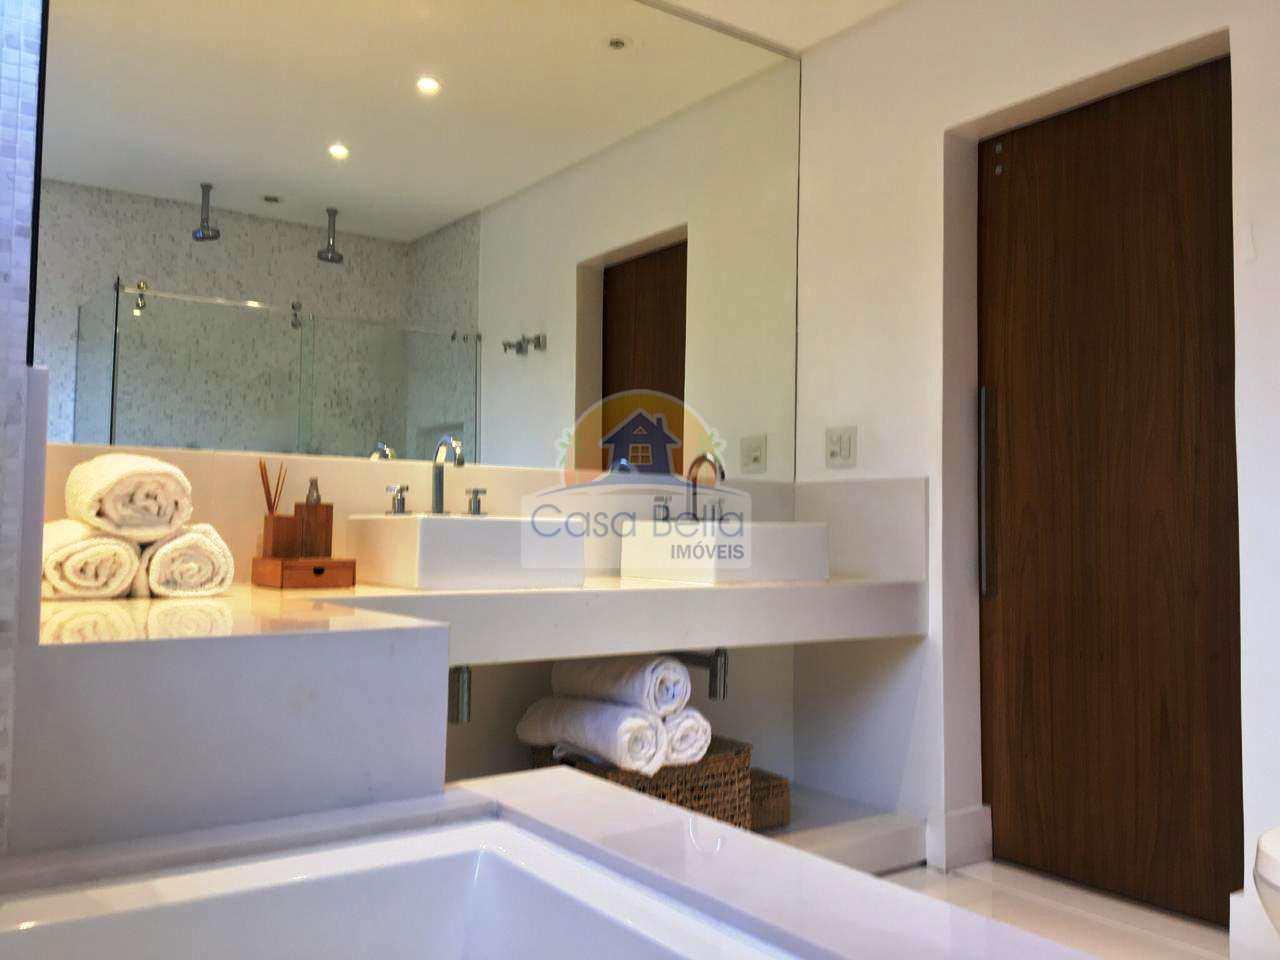 Sobrado de Condomínio com 6 dorms, Acapulco, Guarujá - R$ 2.800.000,00, 400m² - Codigo: 2882